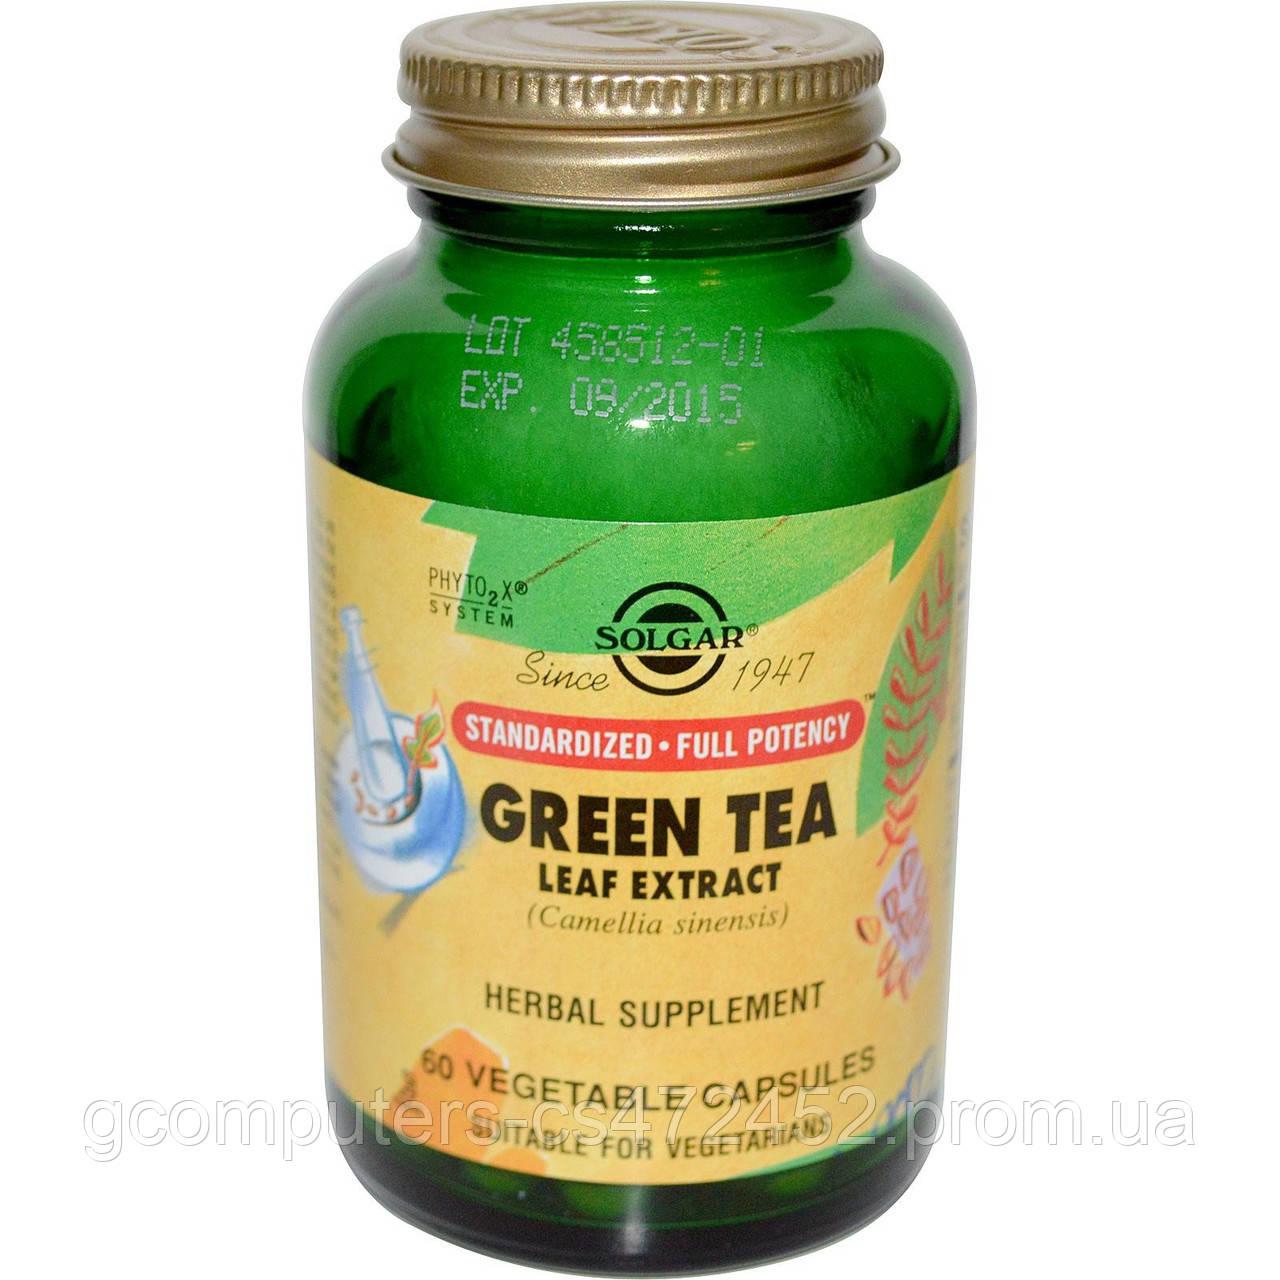 экстракт зеленого чая для похудения отзывы